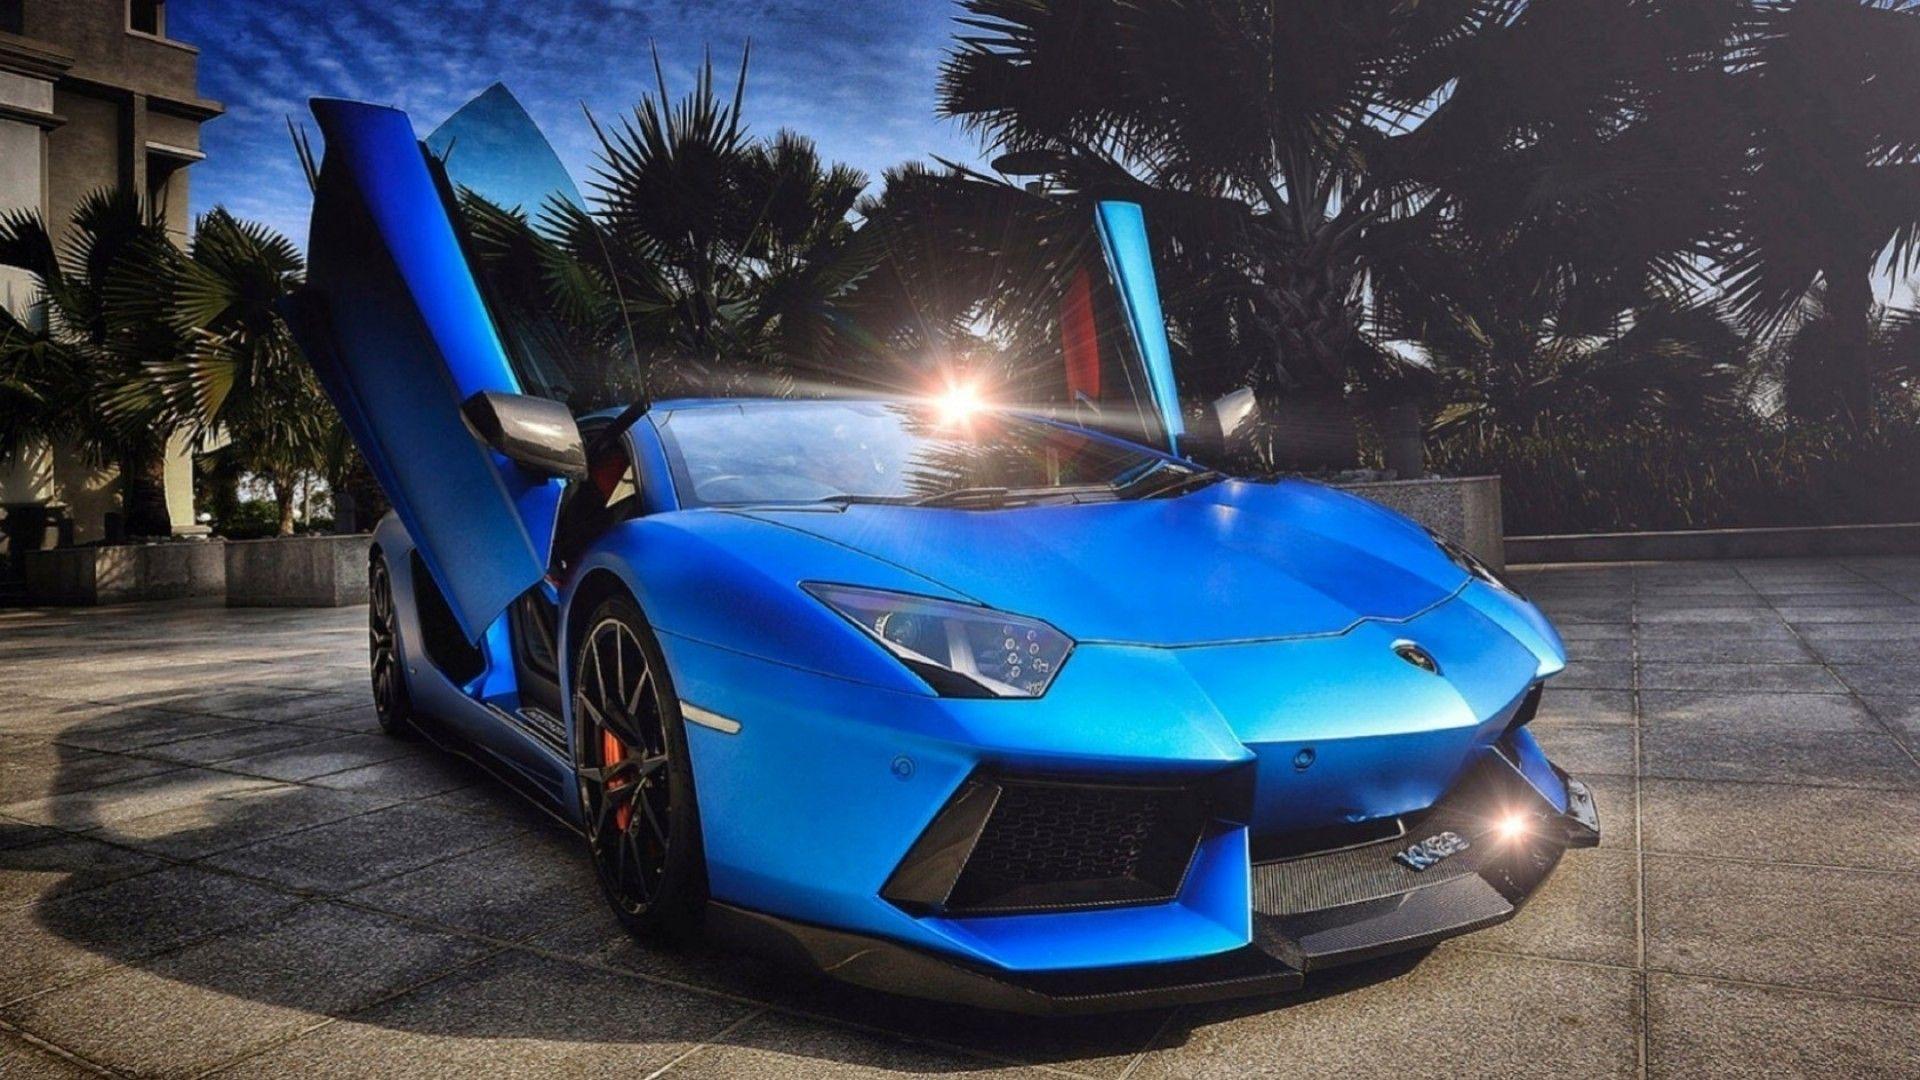 Blue Lamborghinis Wallpapers Wallpaper Cave